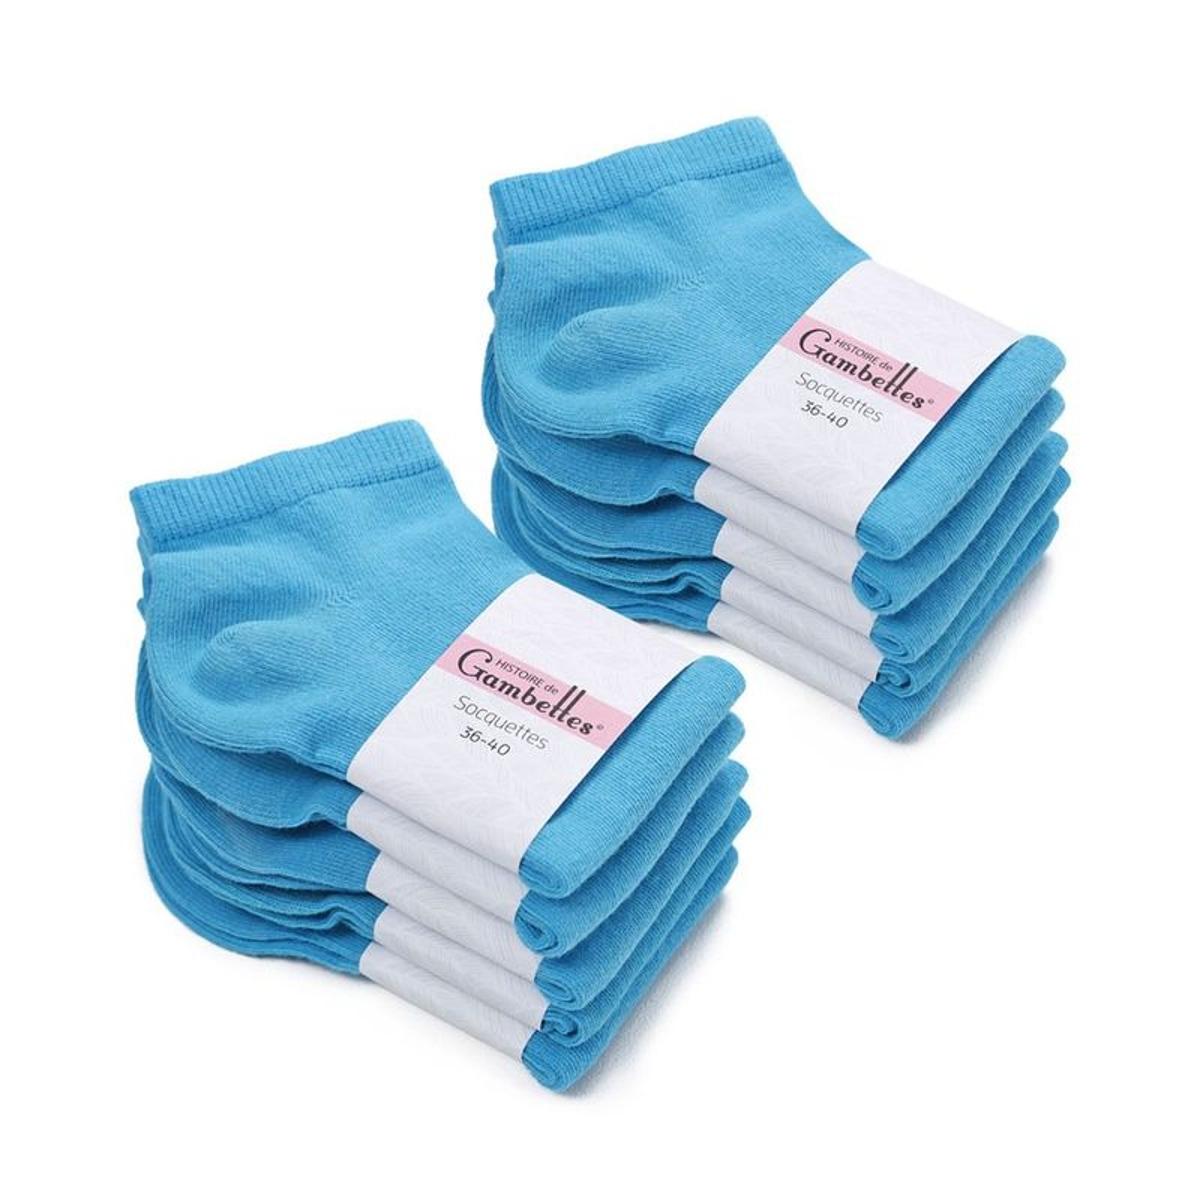 Socquettes Femme coton Bleu Horizon (Lot de 10) - Fabriqué en europe